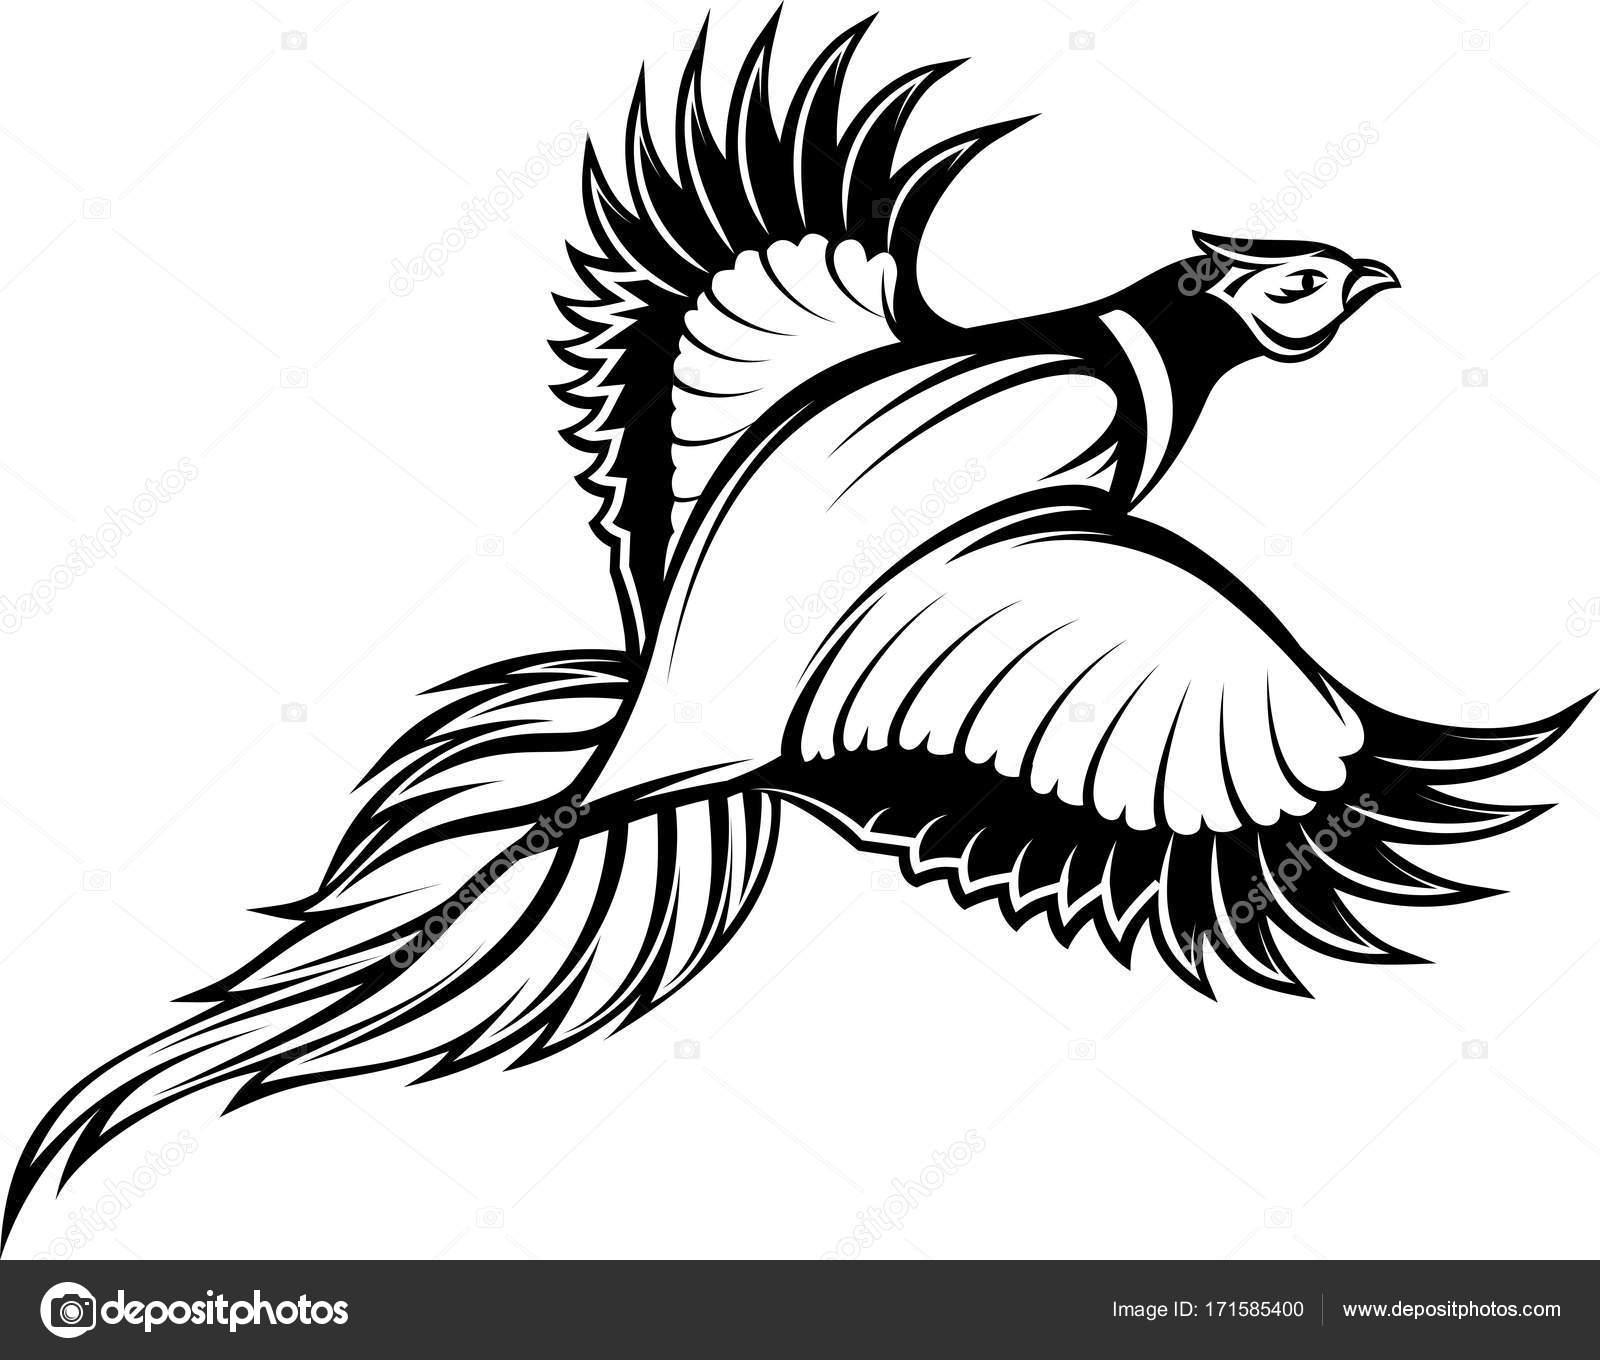 キジを飛んでスタイリッシュなモノクロのベクトル イラスト ストック